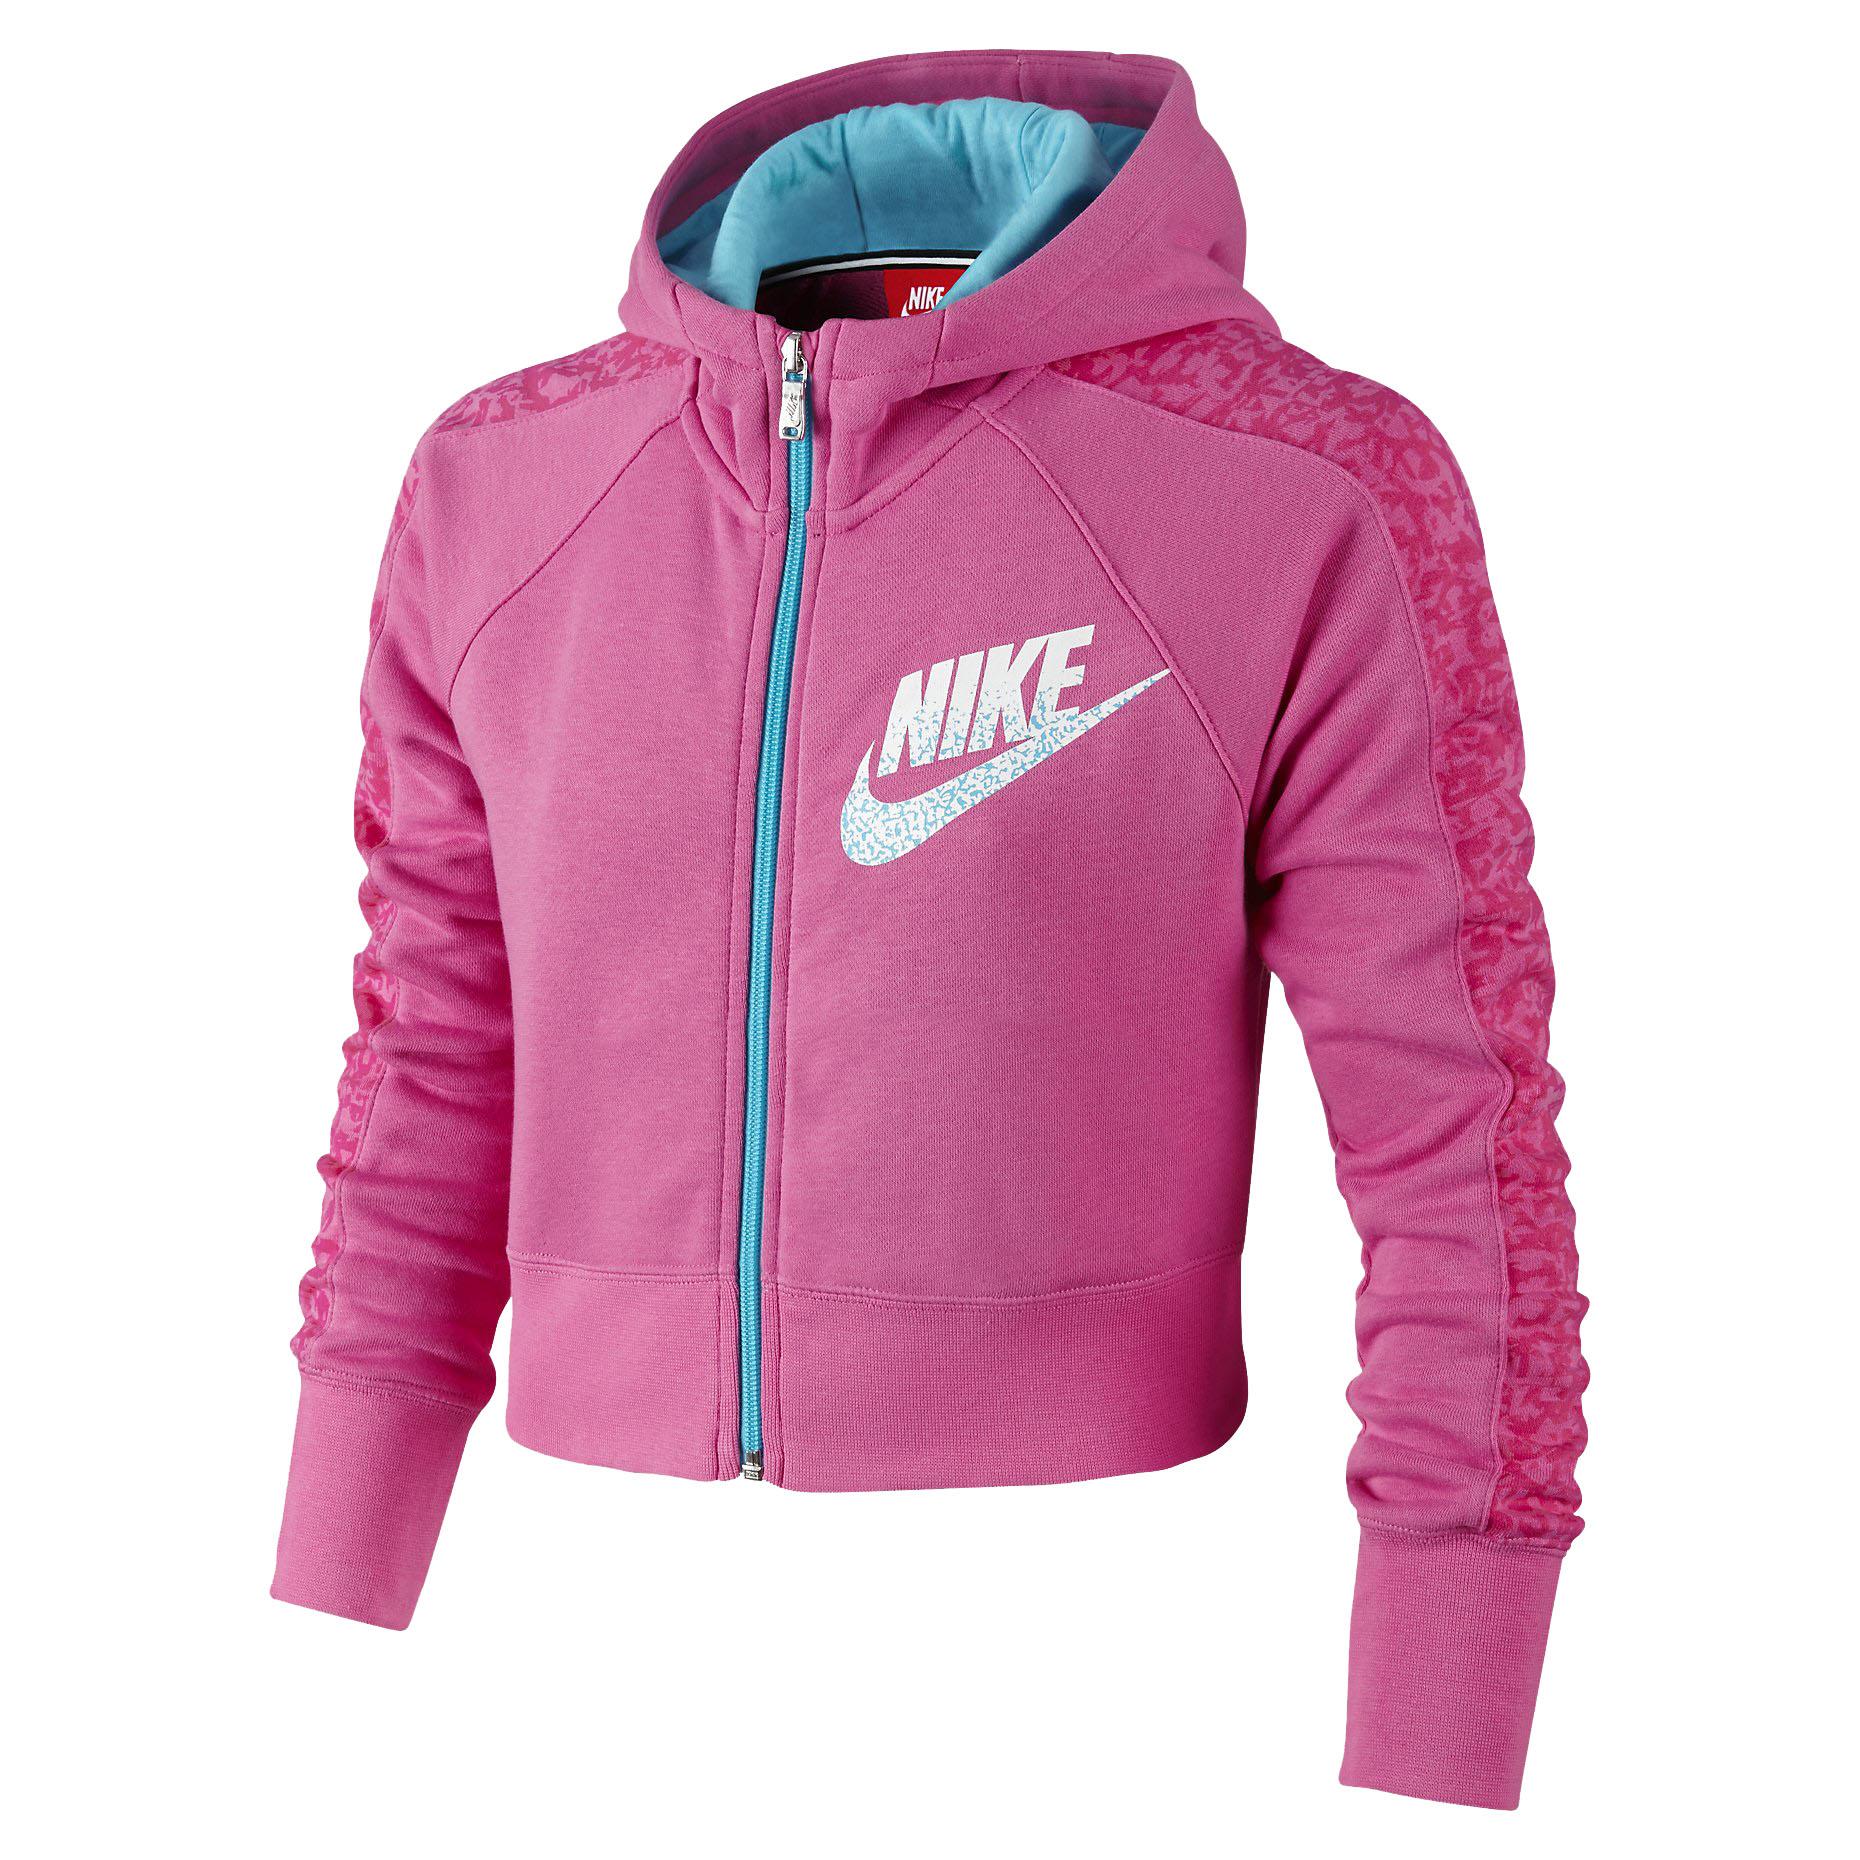 Nike Big Girls' (7-16) Seasonal Cropped Full Zip Hoodie | eBay